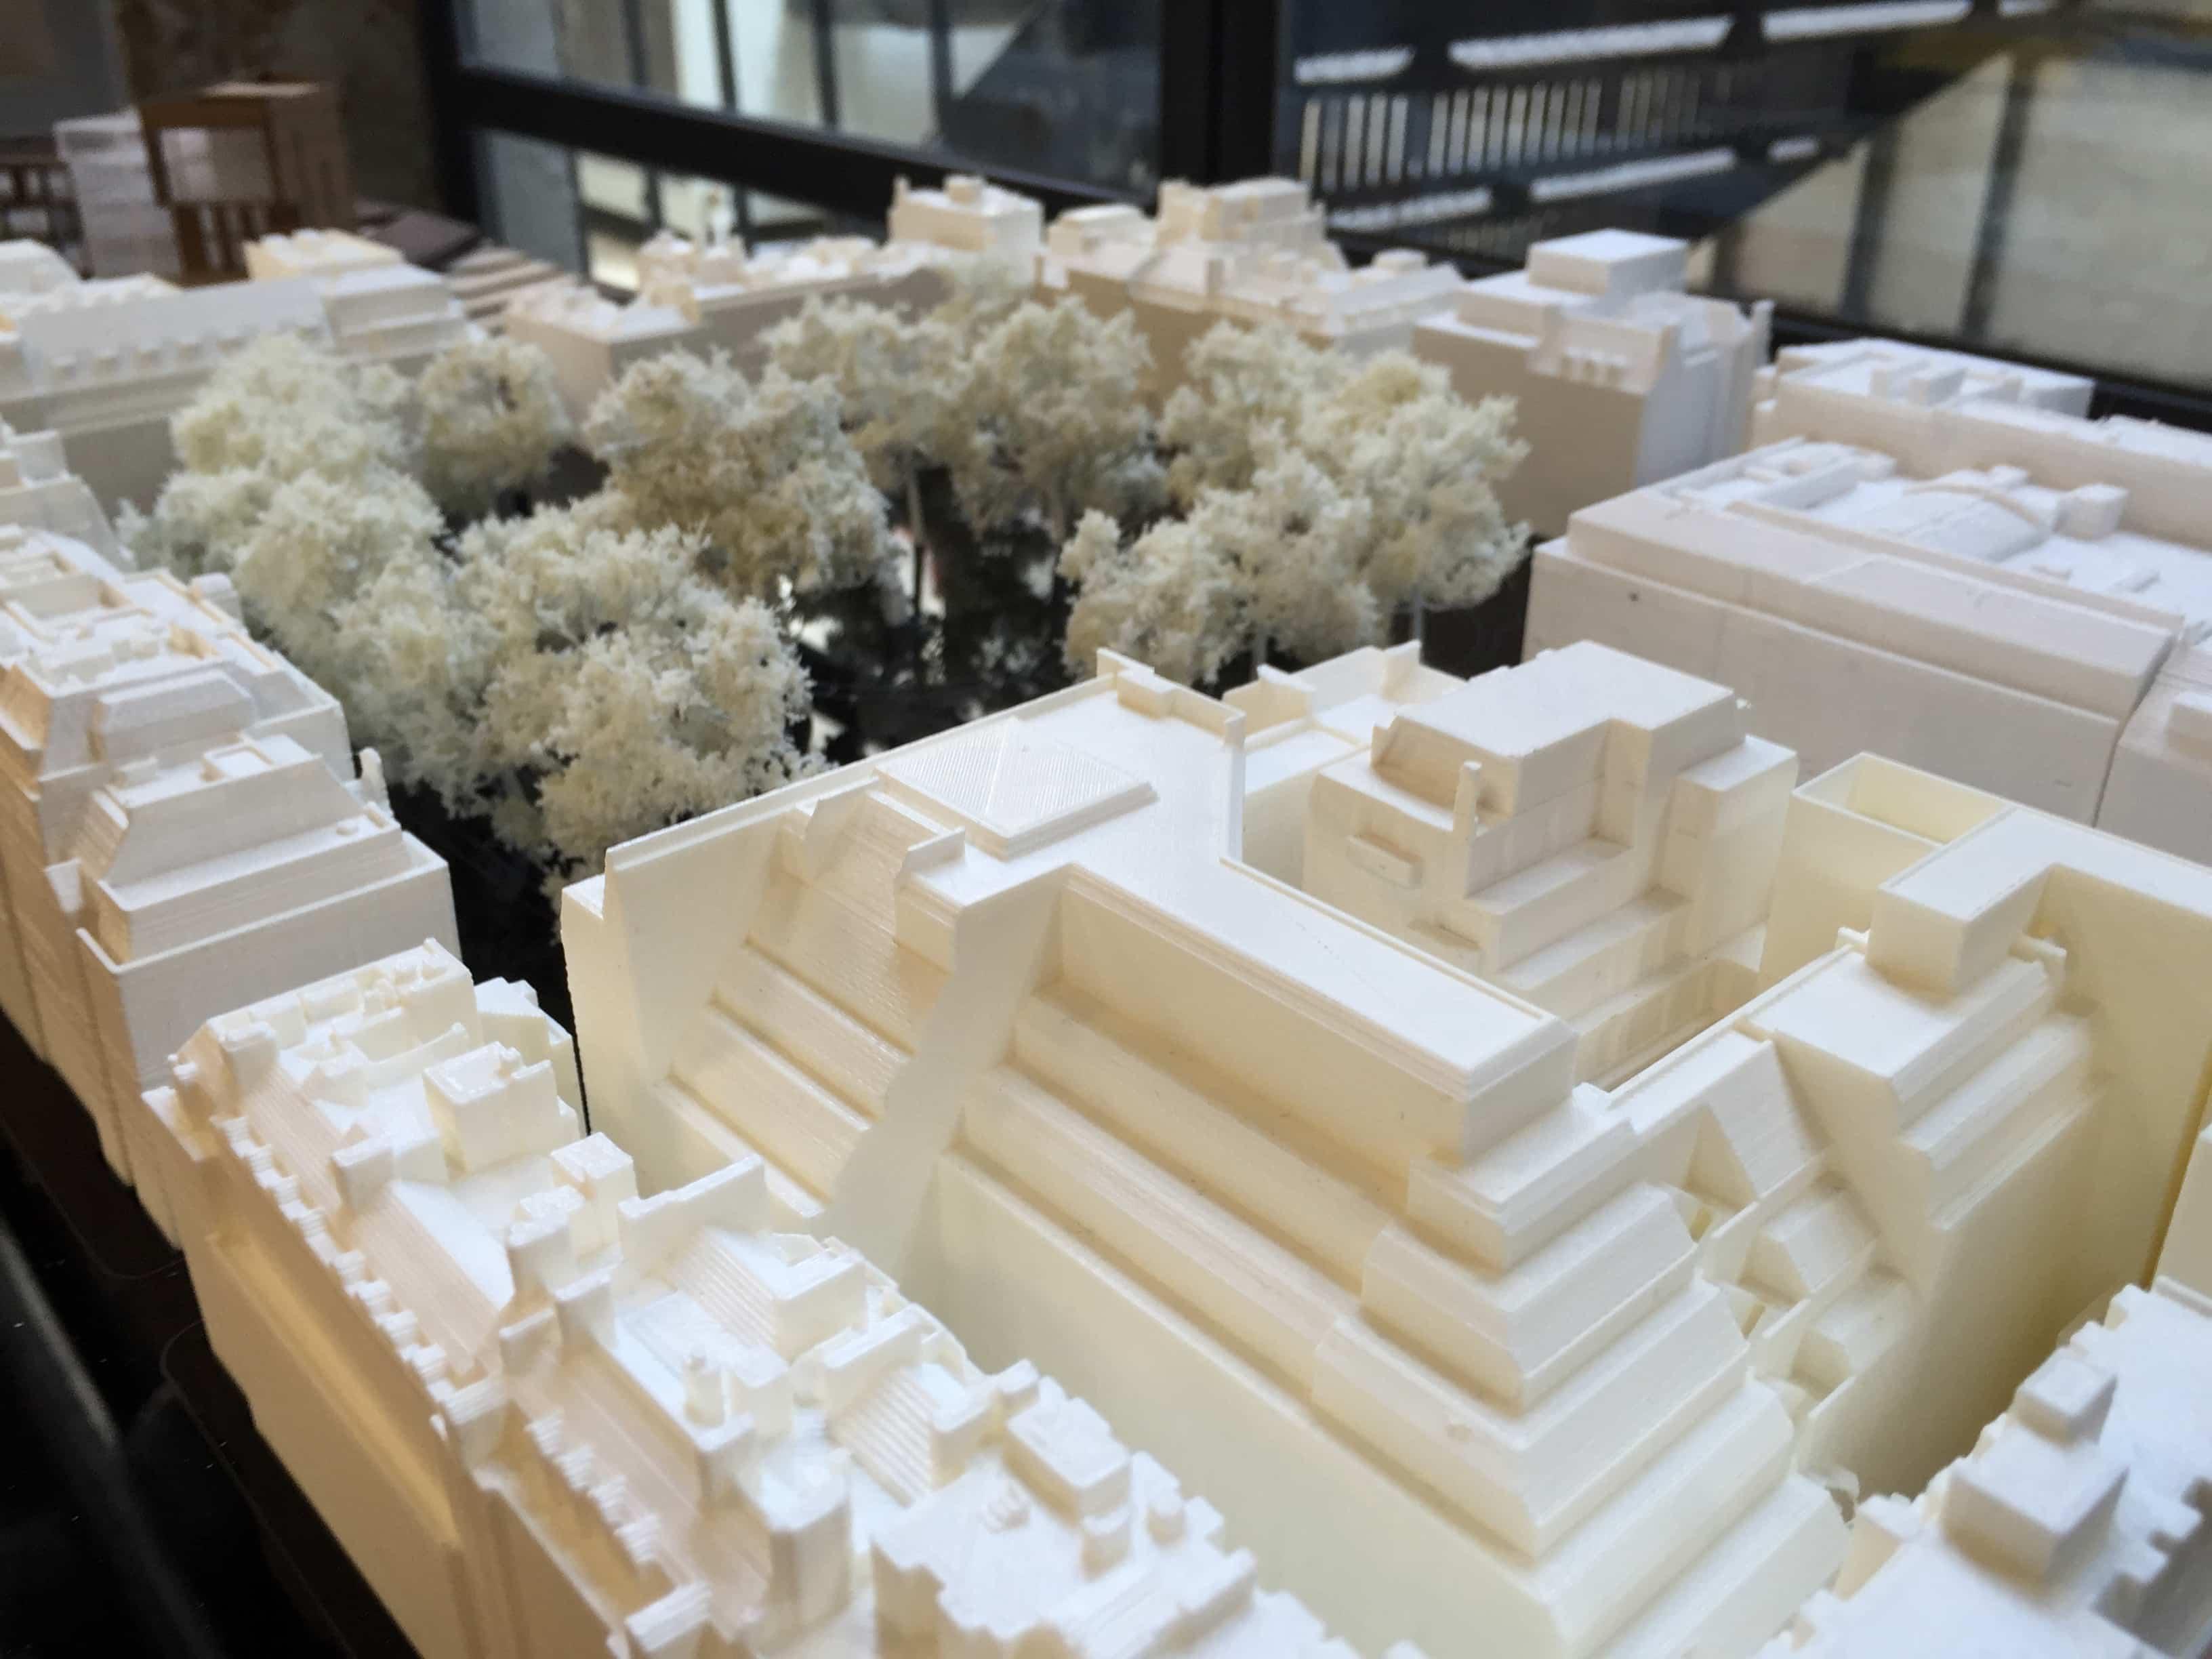 maquette maison 3D  Impression 3D et architecture Photo 17 07 2015 12 18 21